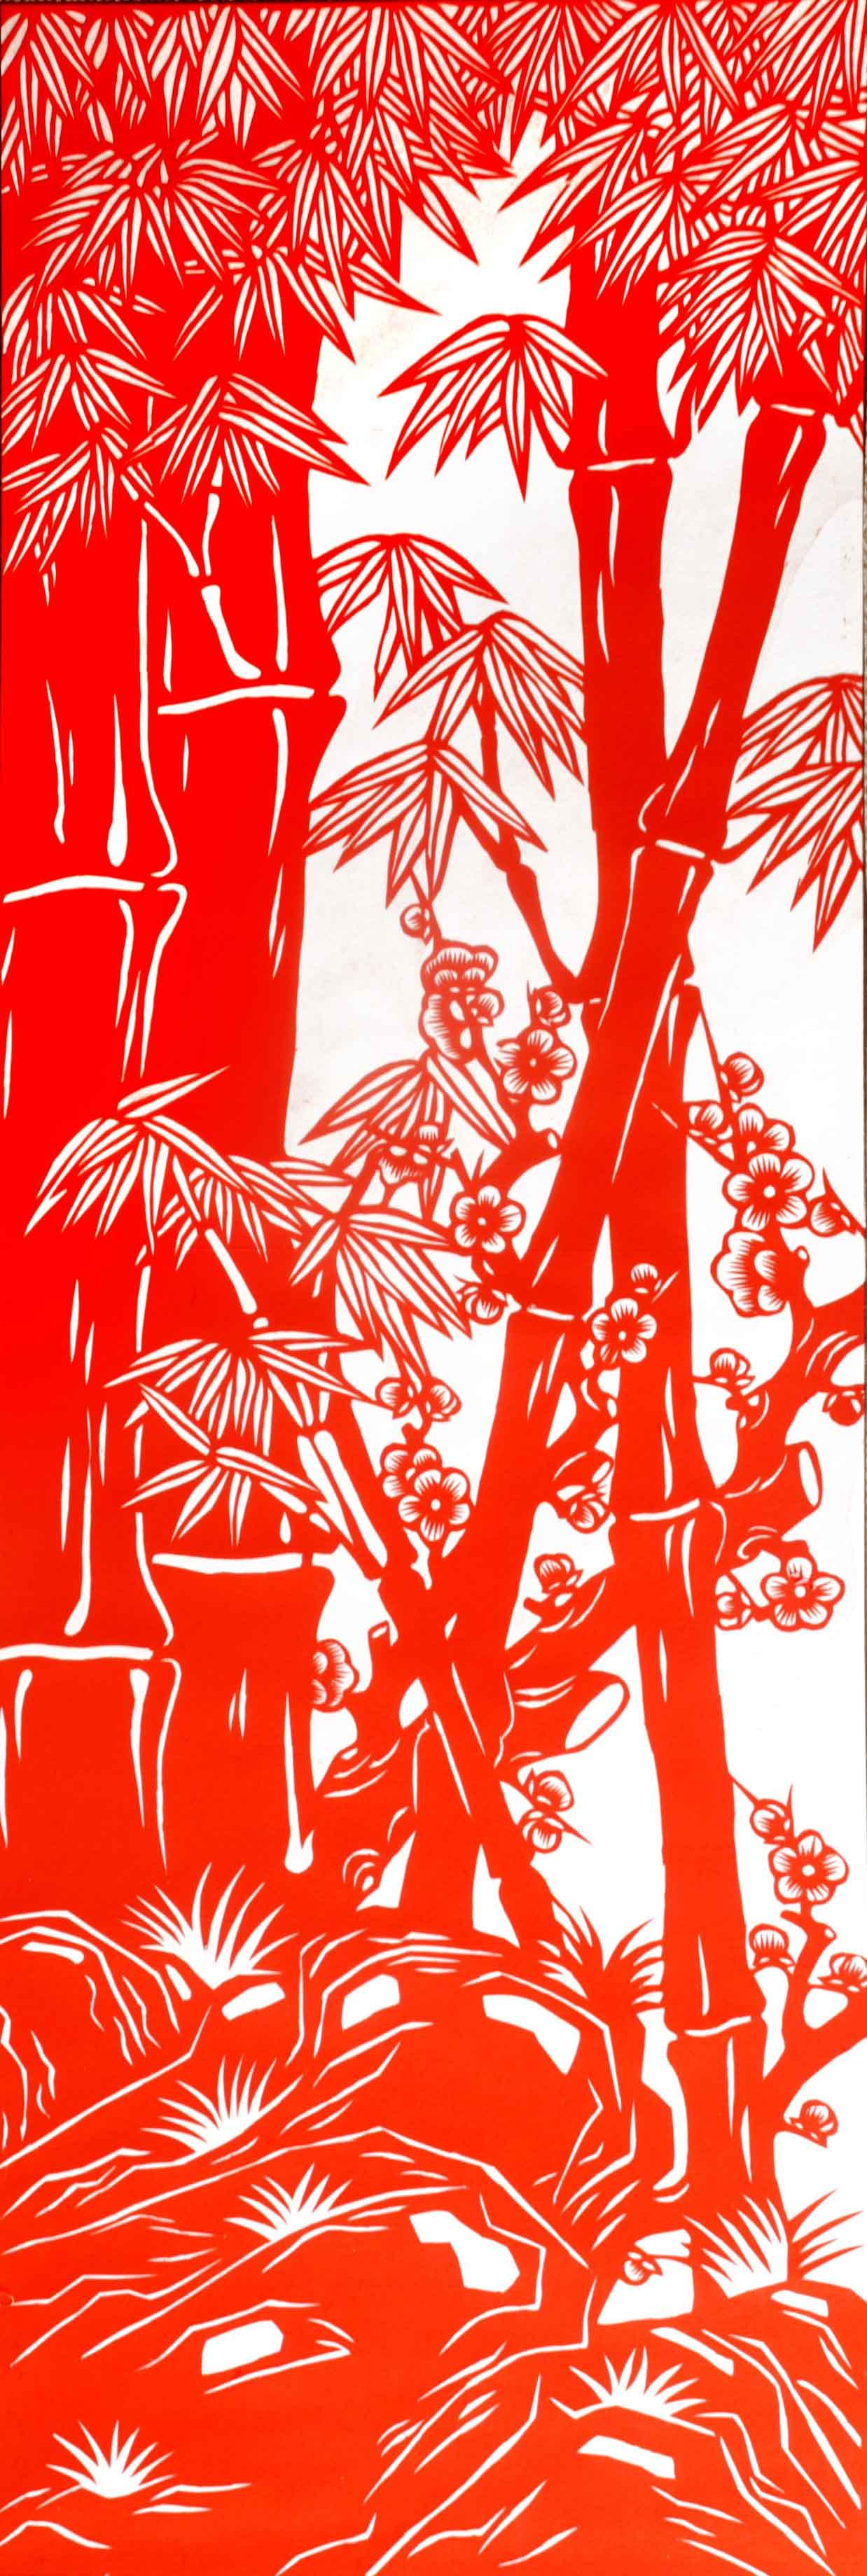 安塞民间艺术品 《竹梅报春》 纯手工剪纸 88*30cm 造型美观,剪工精致